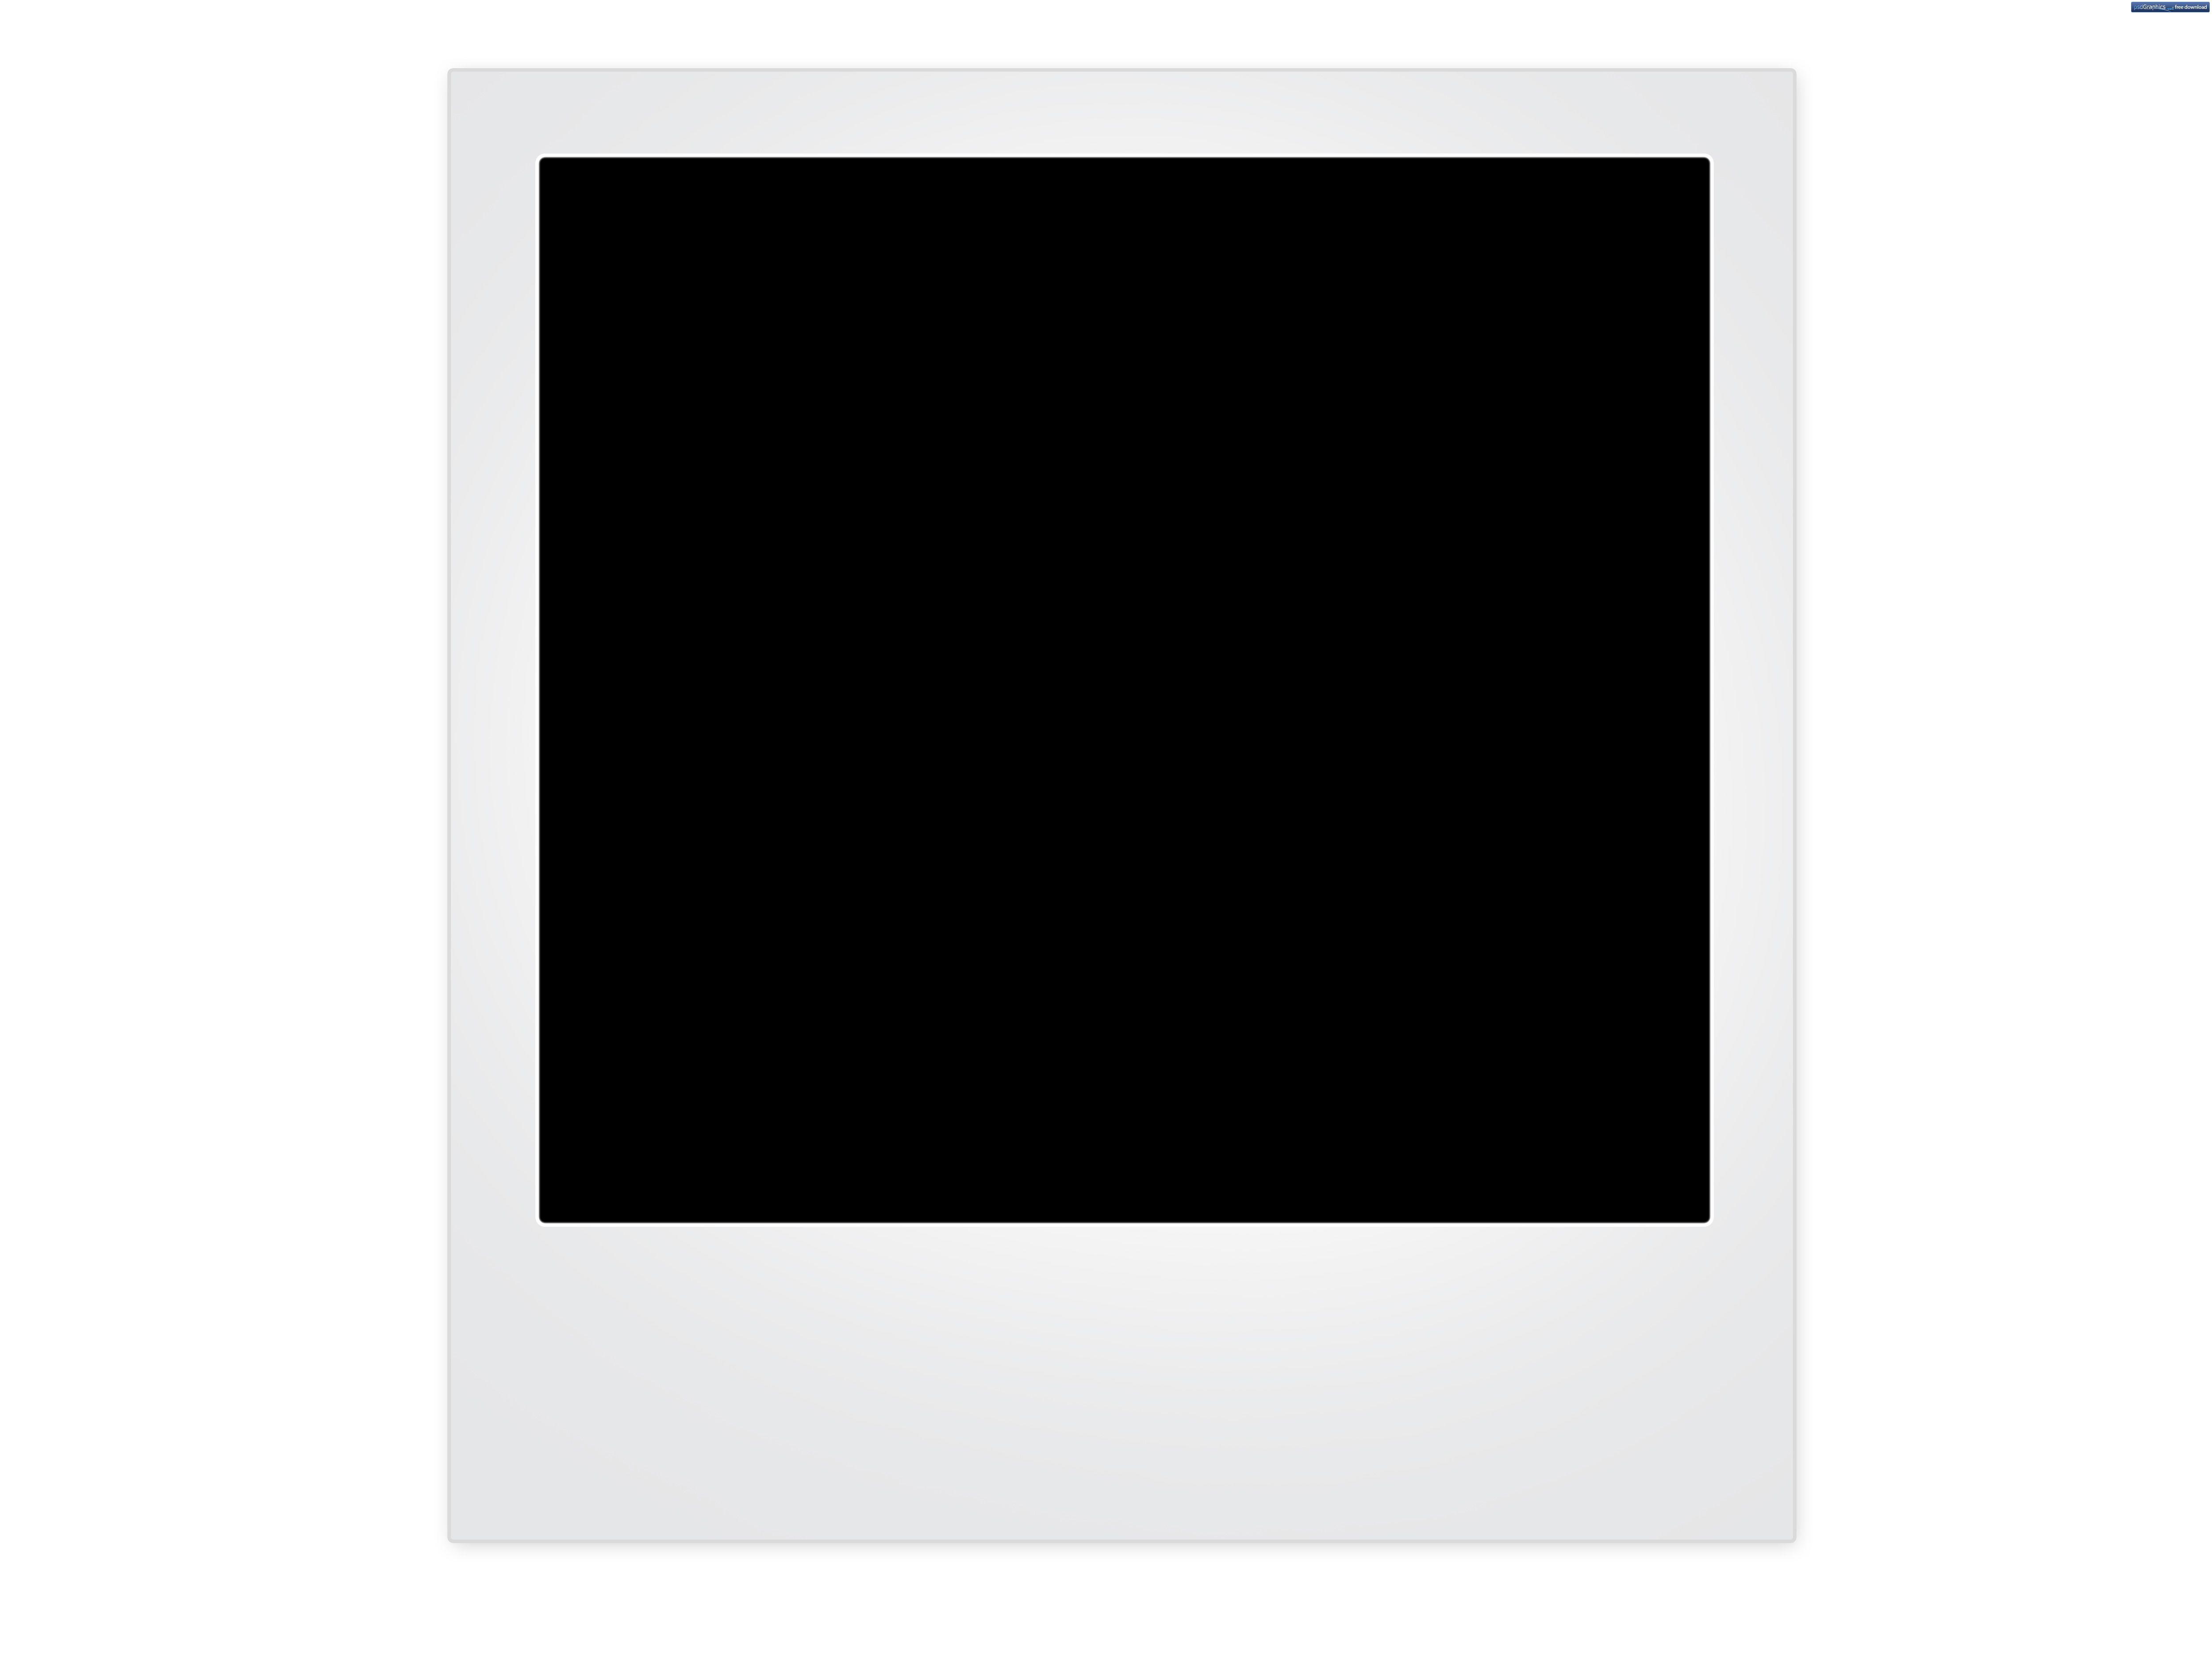 blank-polaroid-frame | Temas de cumpleanos para ninas | Pinterest